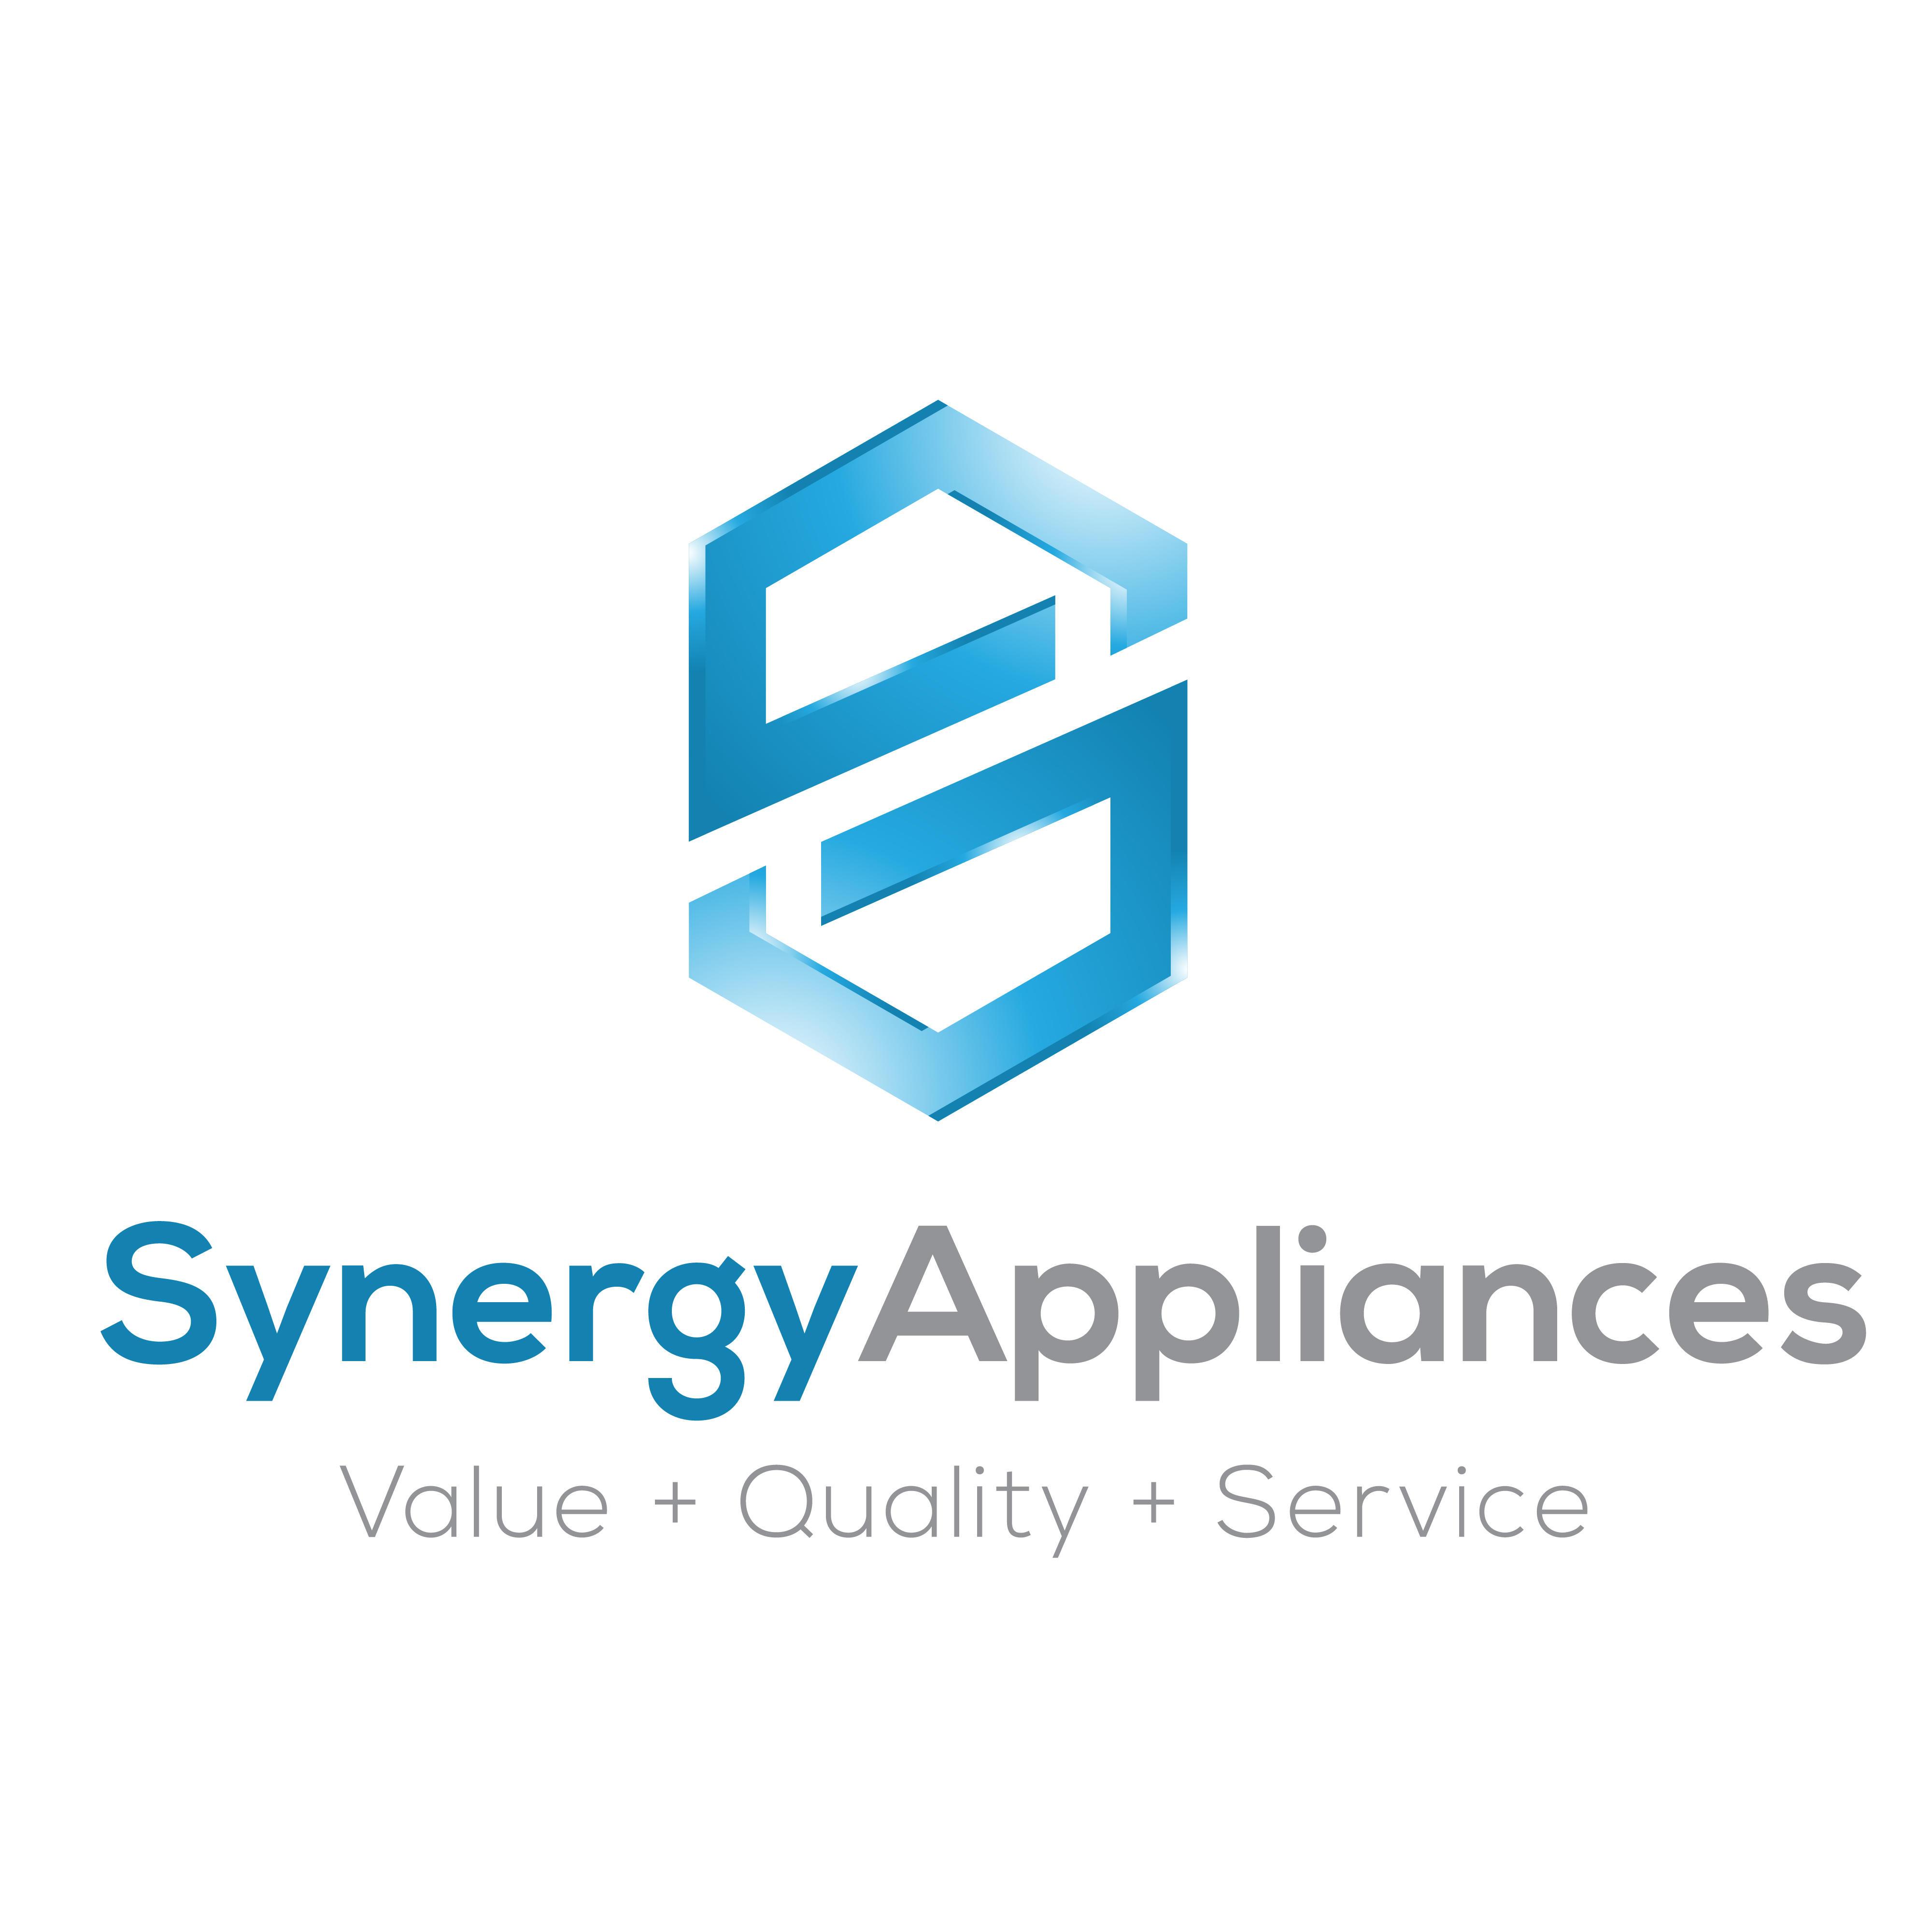 Synergy Appliances